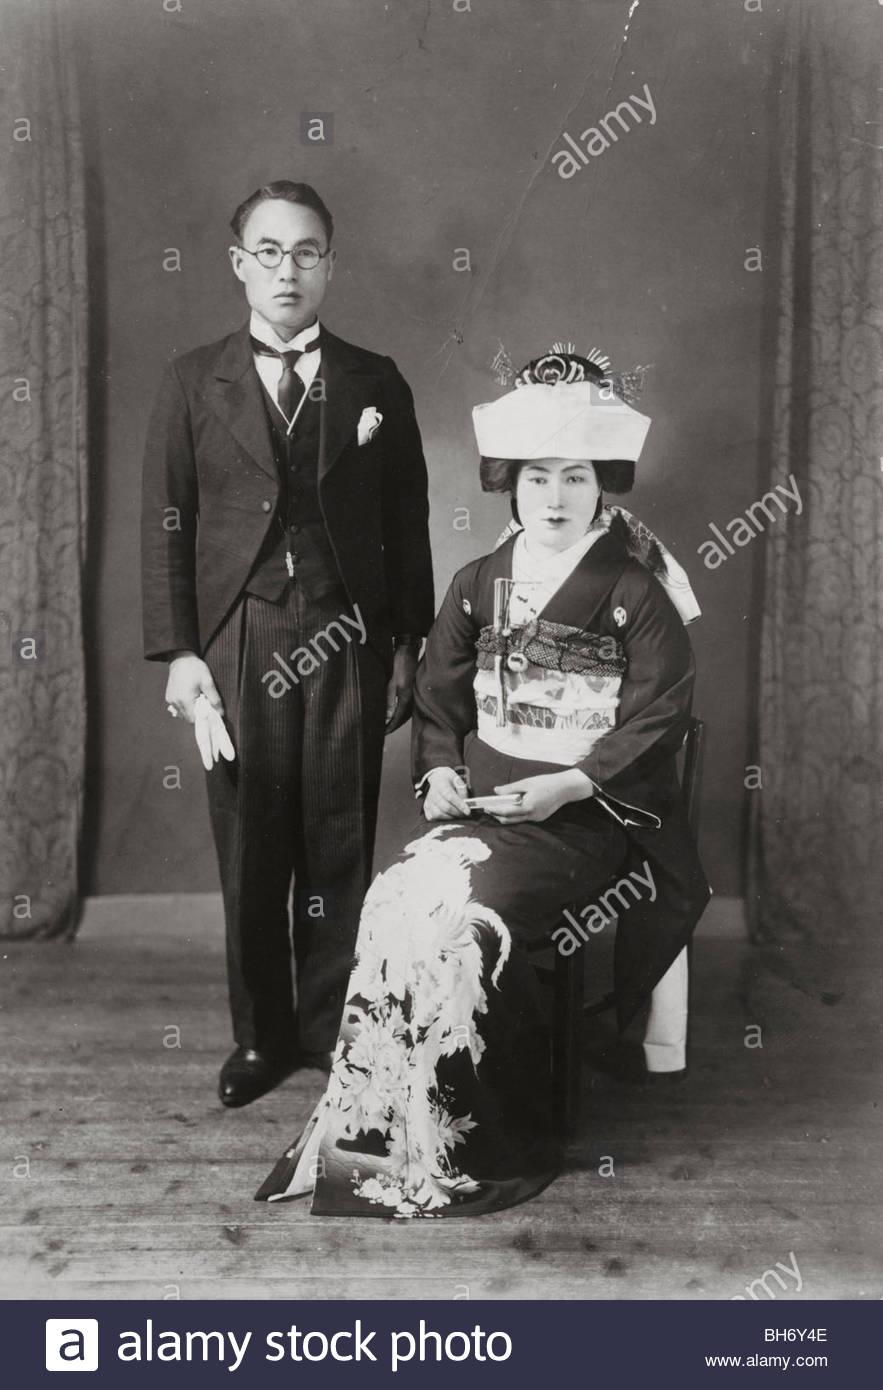 Hochzeit mit Mann im westlichen Stil Kleidung Japan 1940er Jahre ...